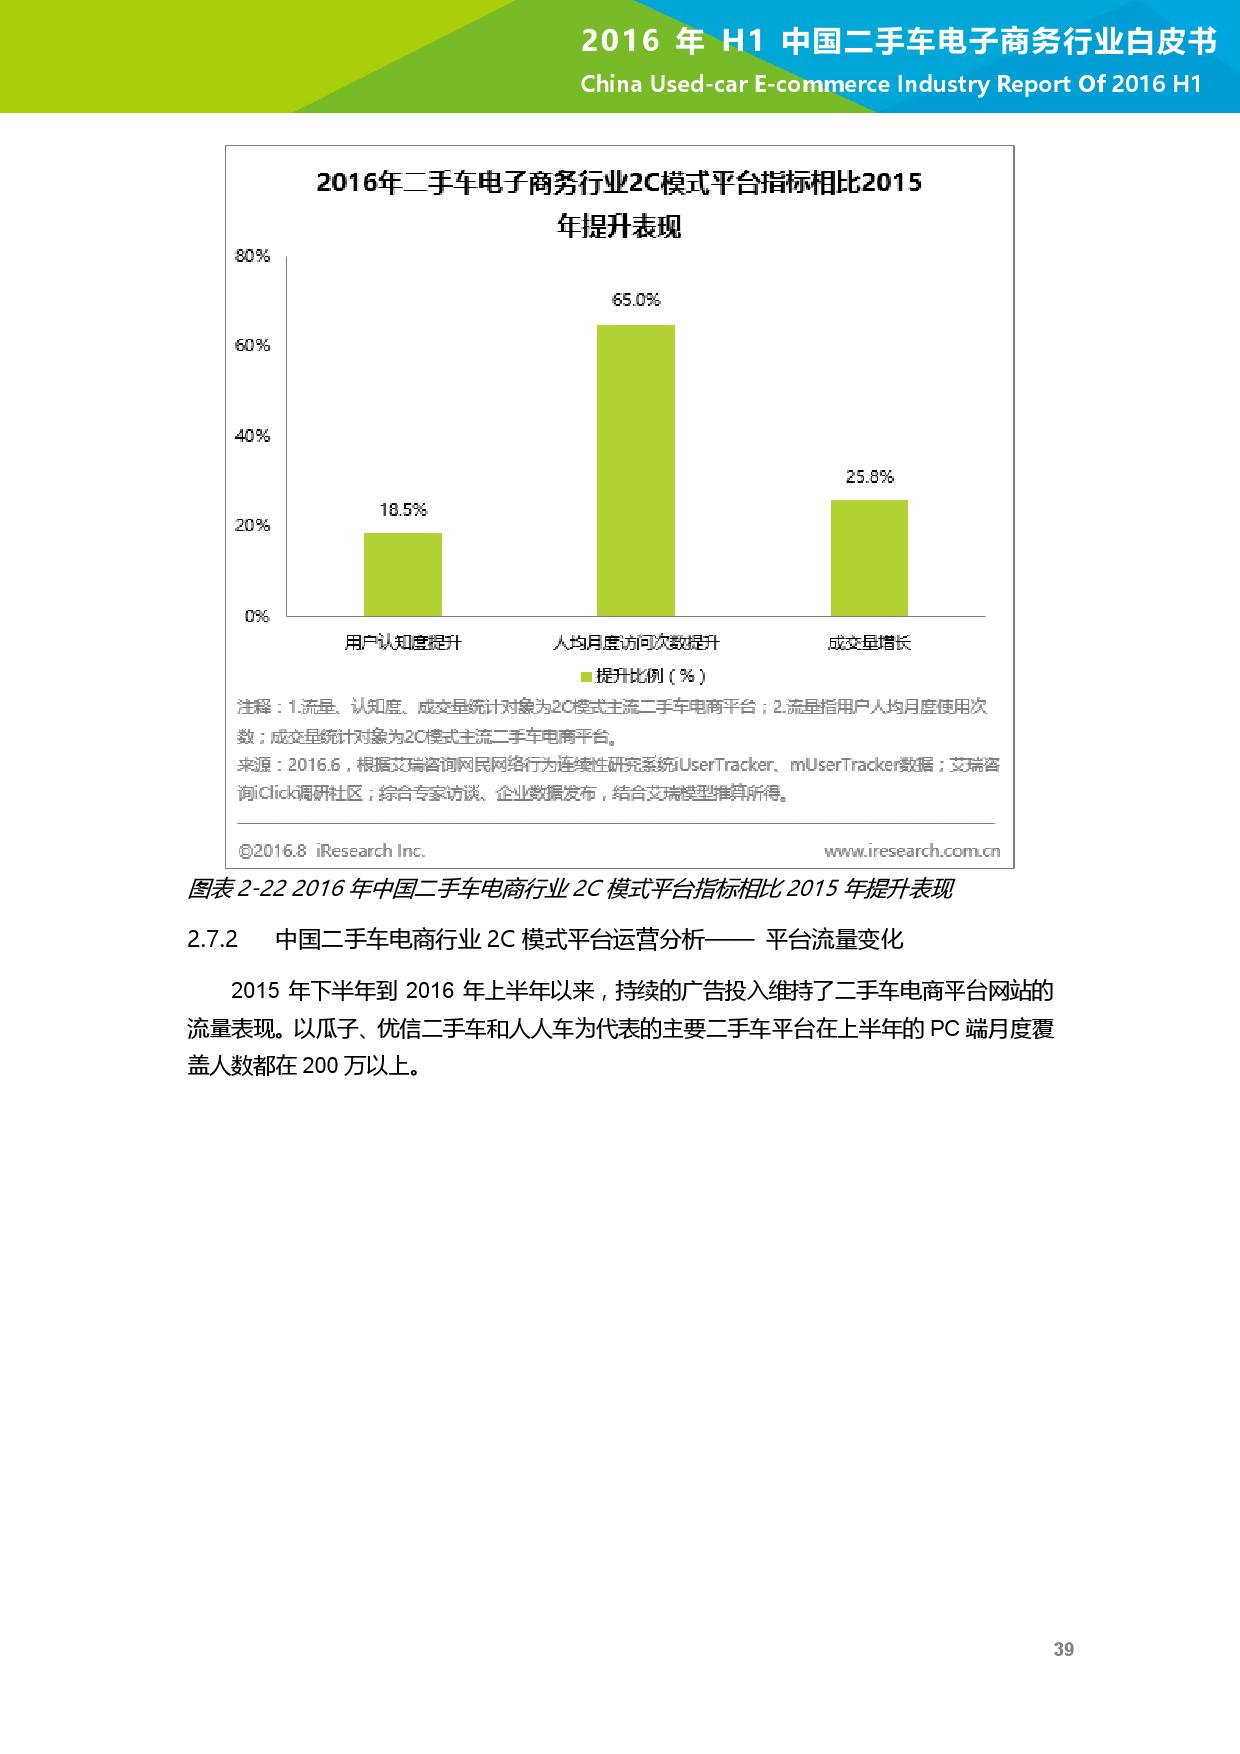 2016年H1中国二手车电子商务行业白皮书_000040